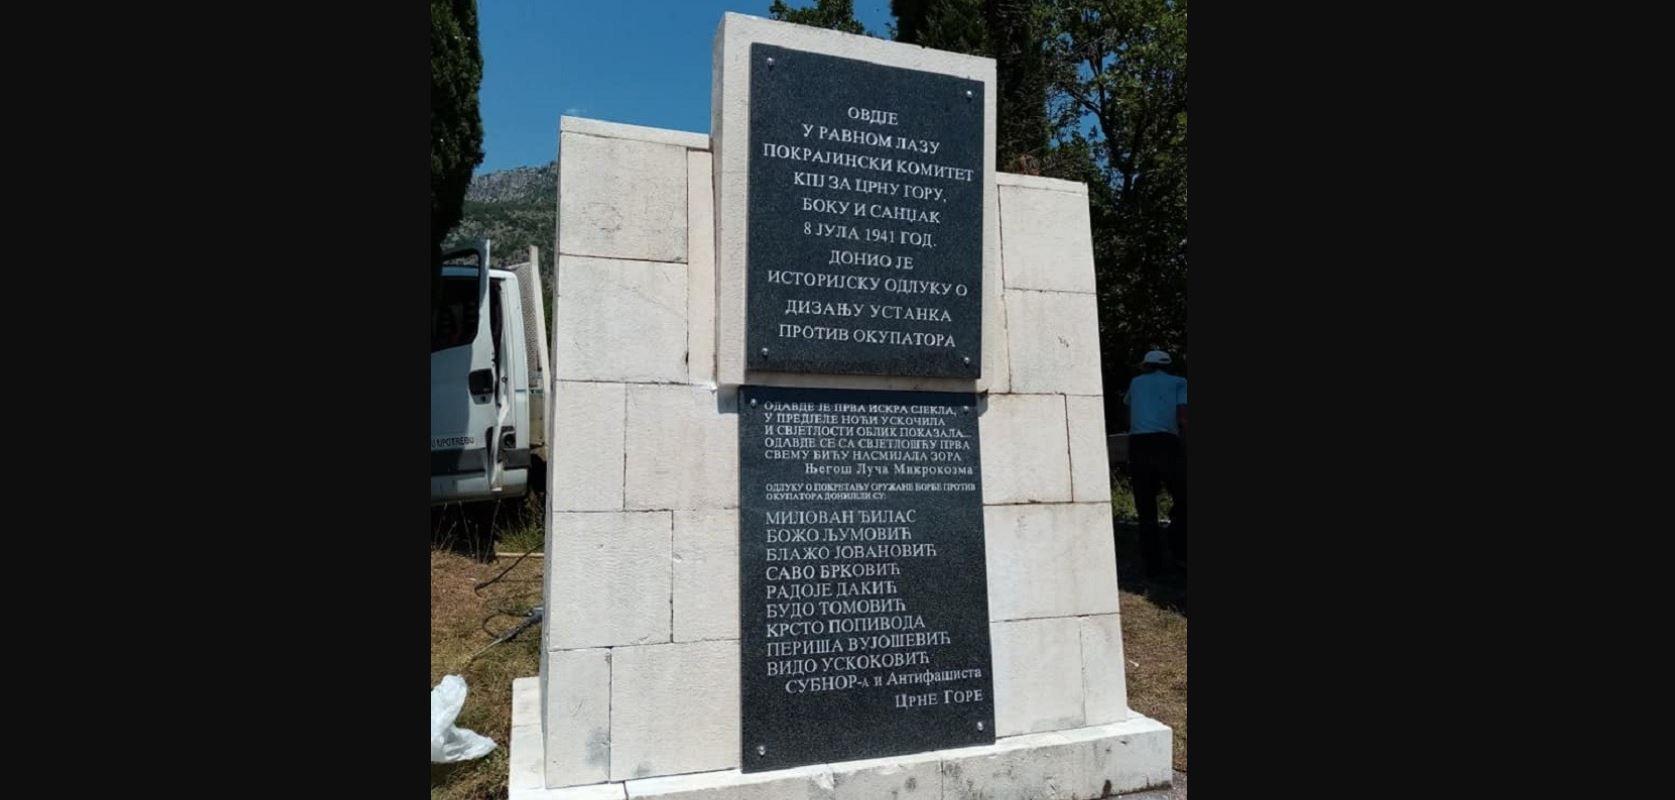 Obnovljene ploče na spomeniku na Ravnom lazu